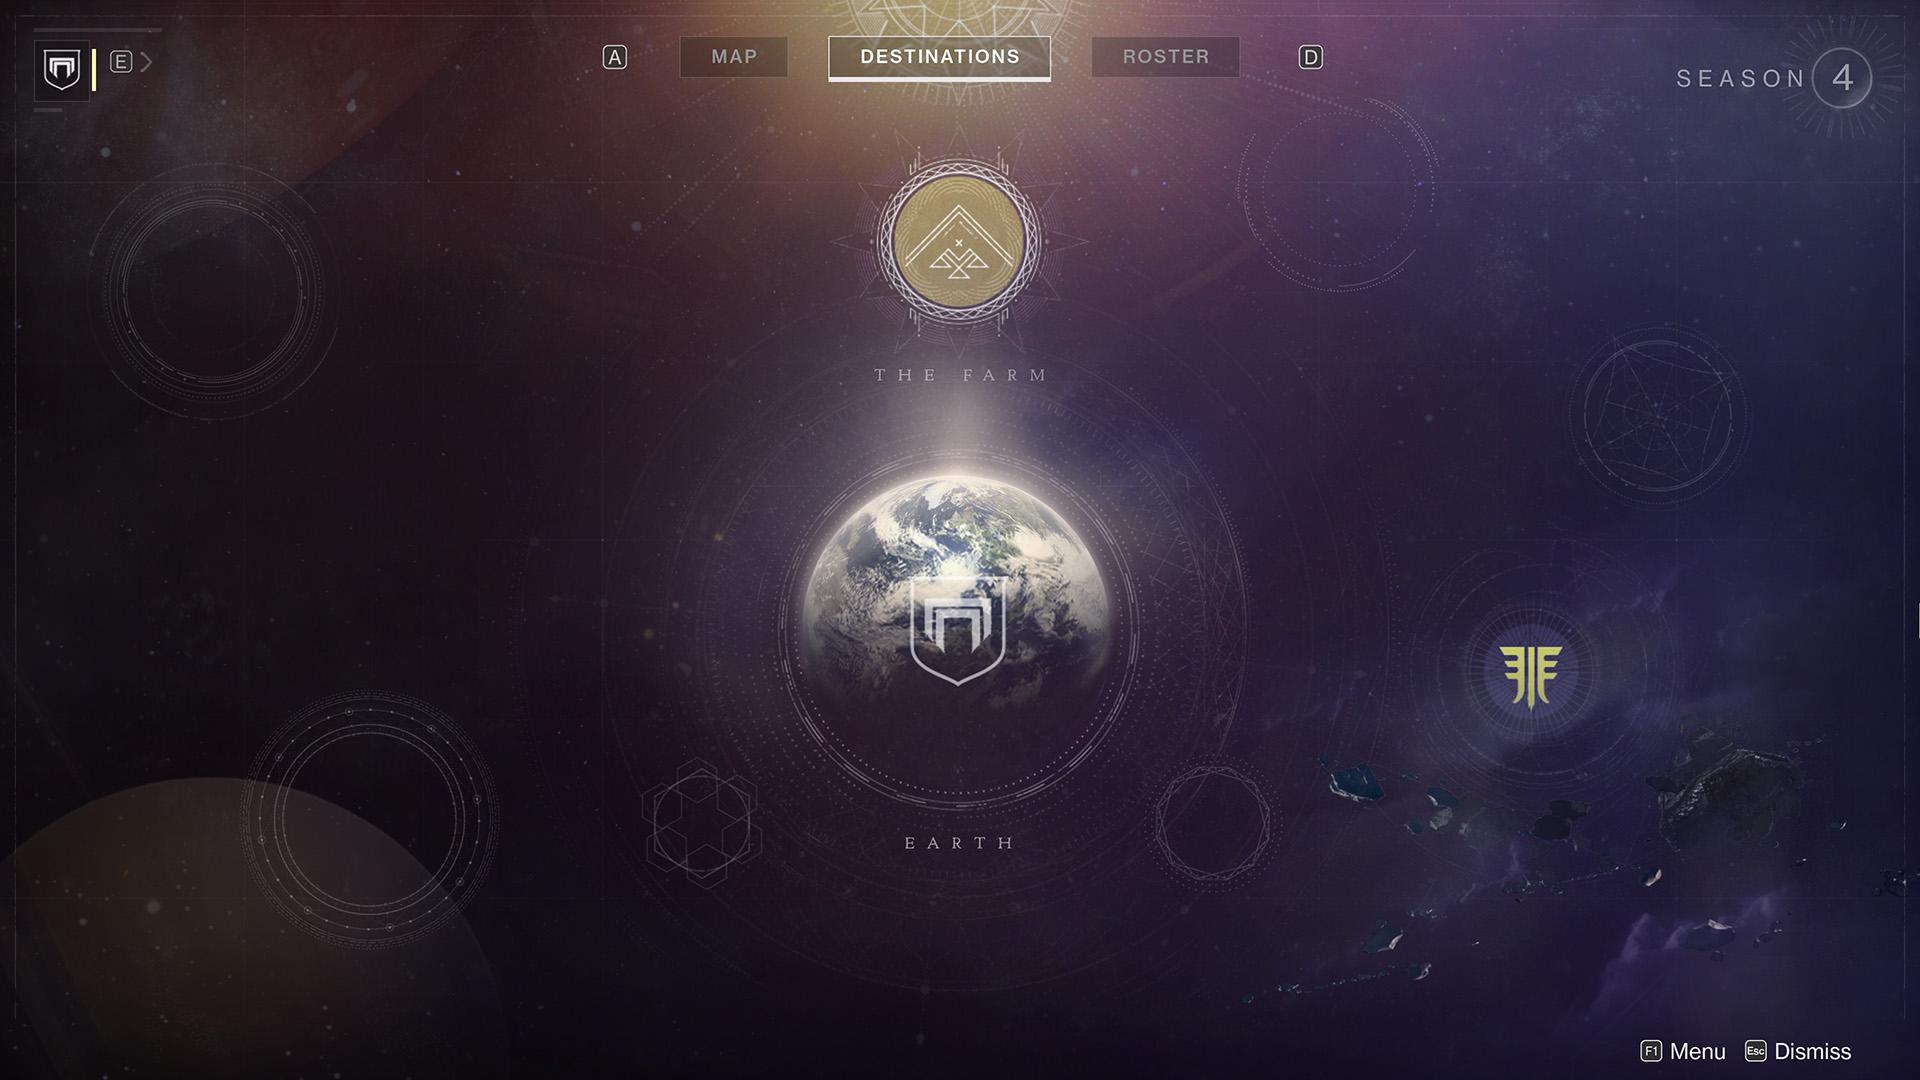 _0004_Destiny 2 Screenshot 2018.11.04 - 01.45.44.38.jpg